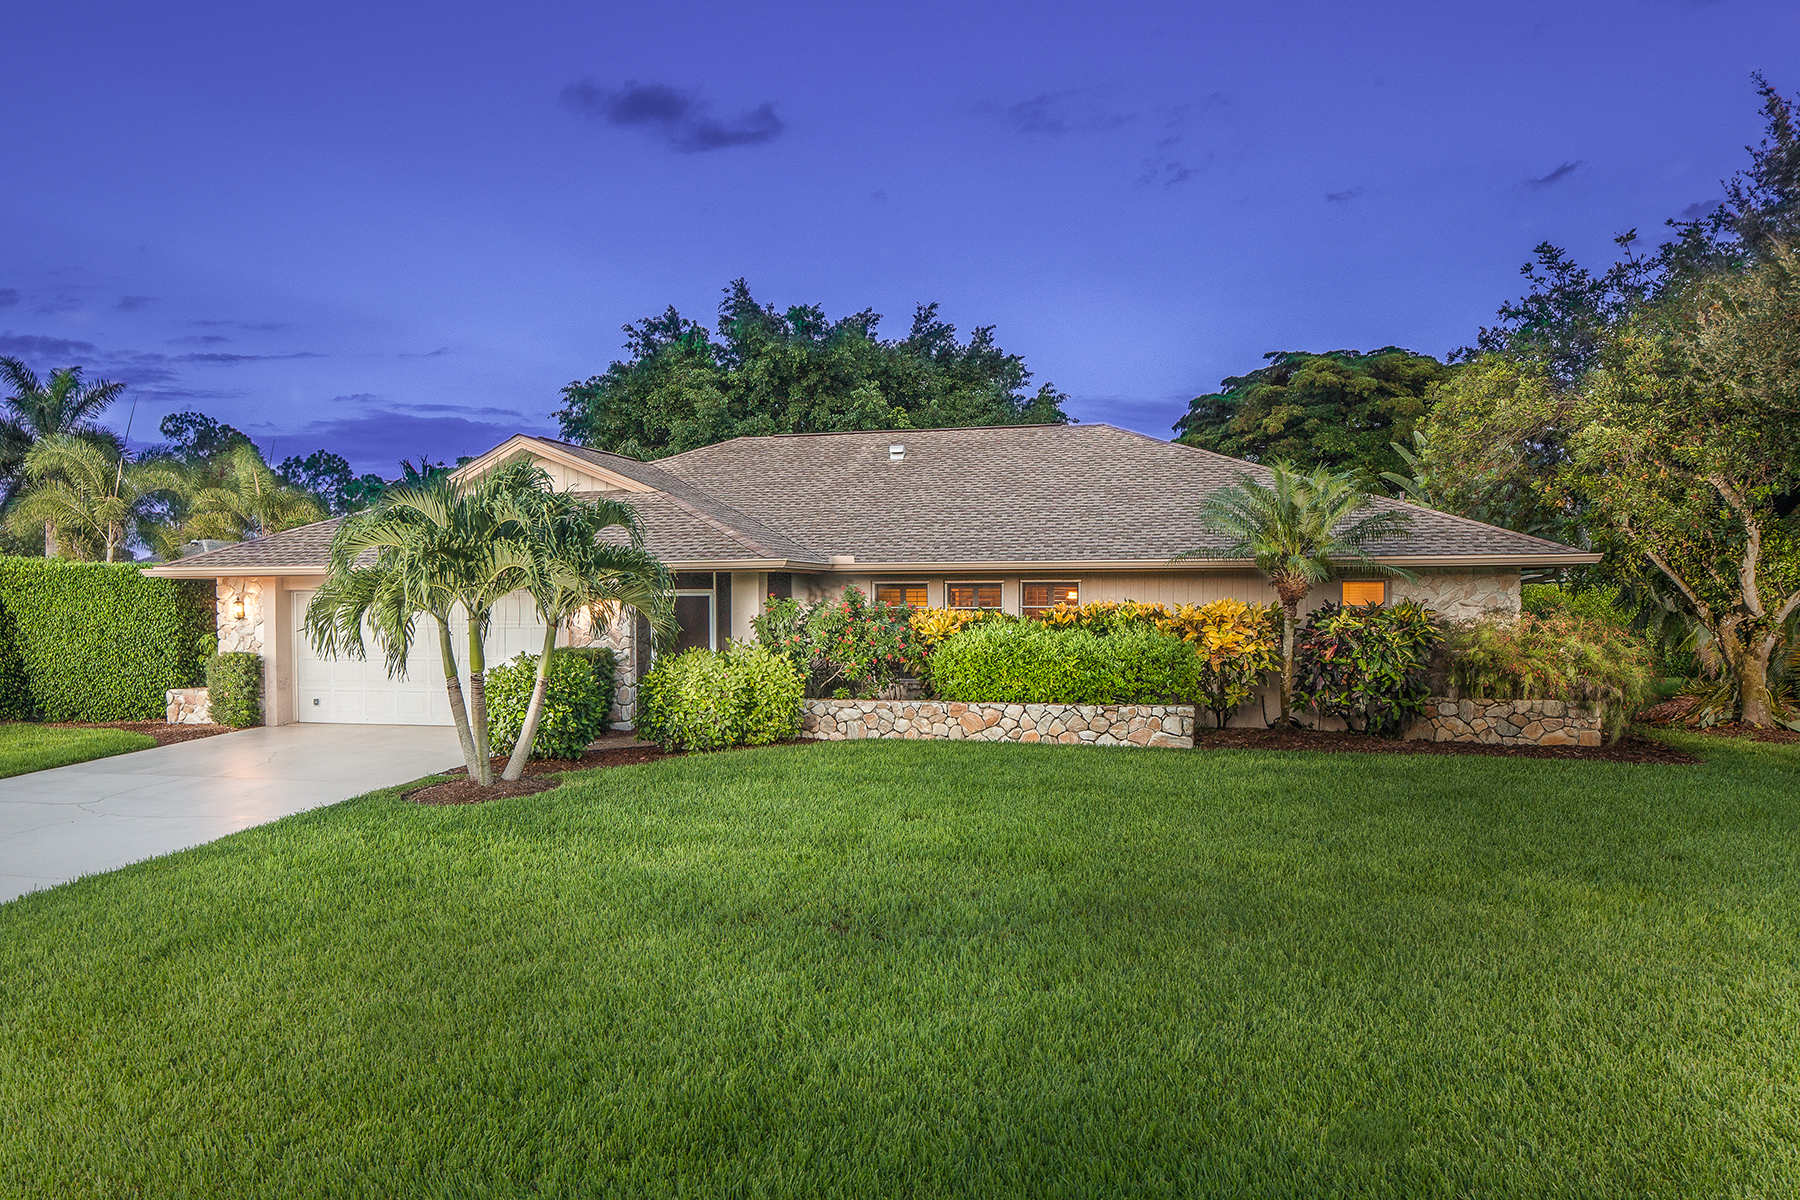 獨棟家庭住宅 為 出售 在 Naples 2201 Imperial Golf Course Blvd Naples, 佛羅里達州, 34110 美國